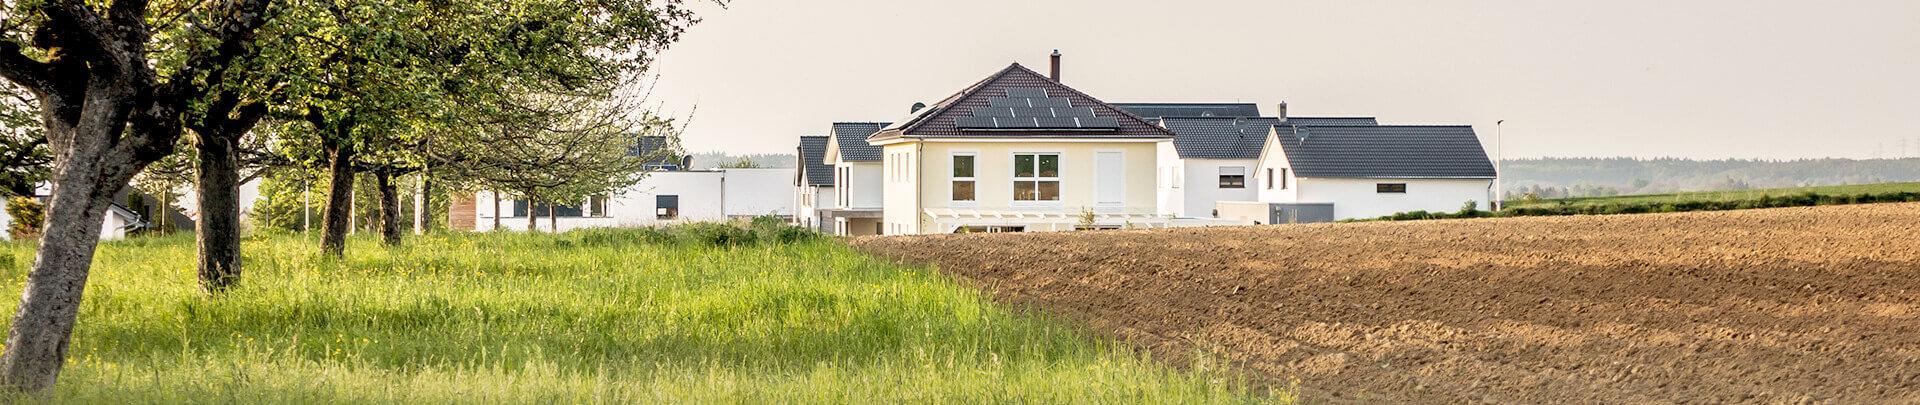 Grundstücksverkauf ländlich